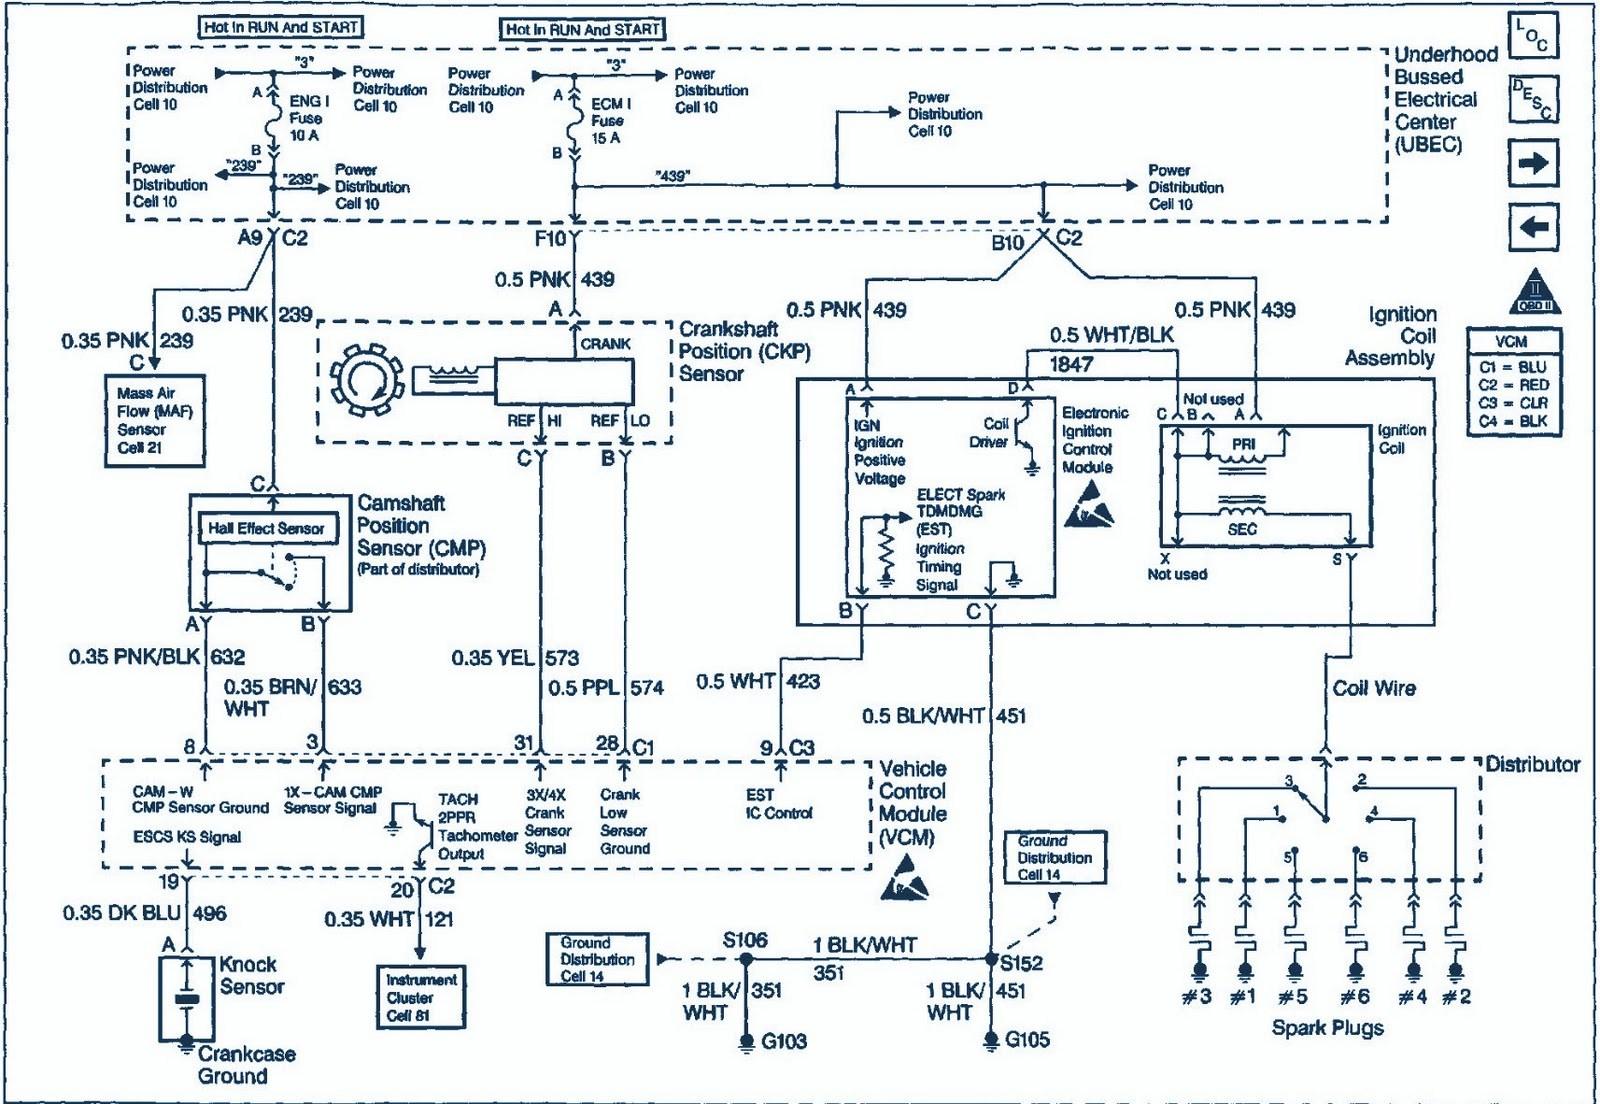 mazda 121 wiring diagram free - wiring diagram base smash-essay-b -  smash-essay-b.jabstudio.it  jab studio